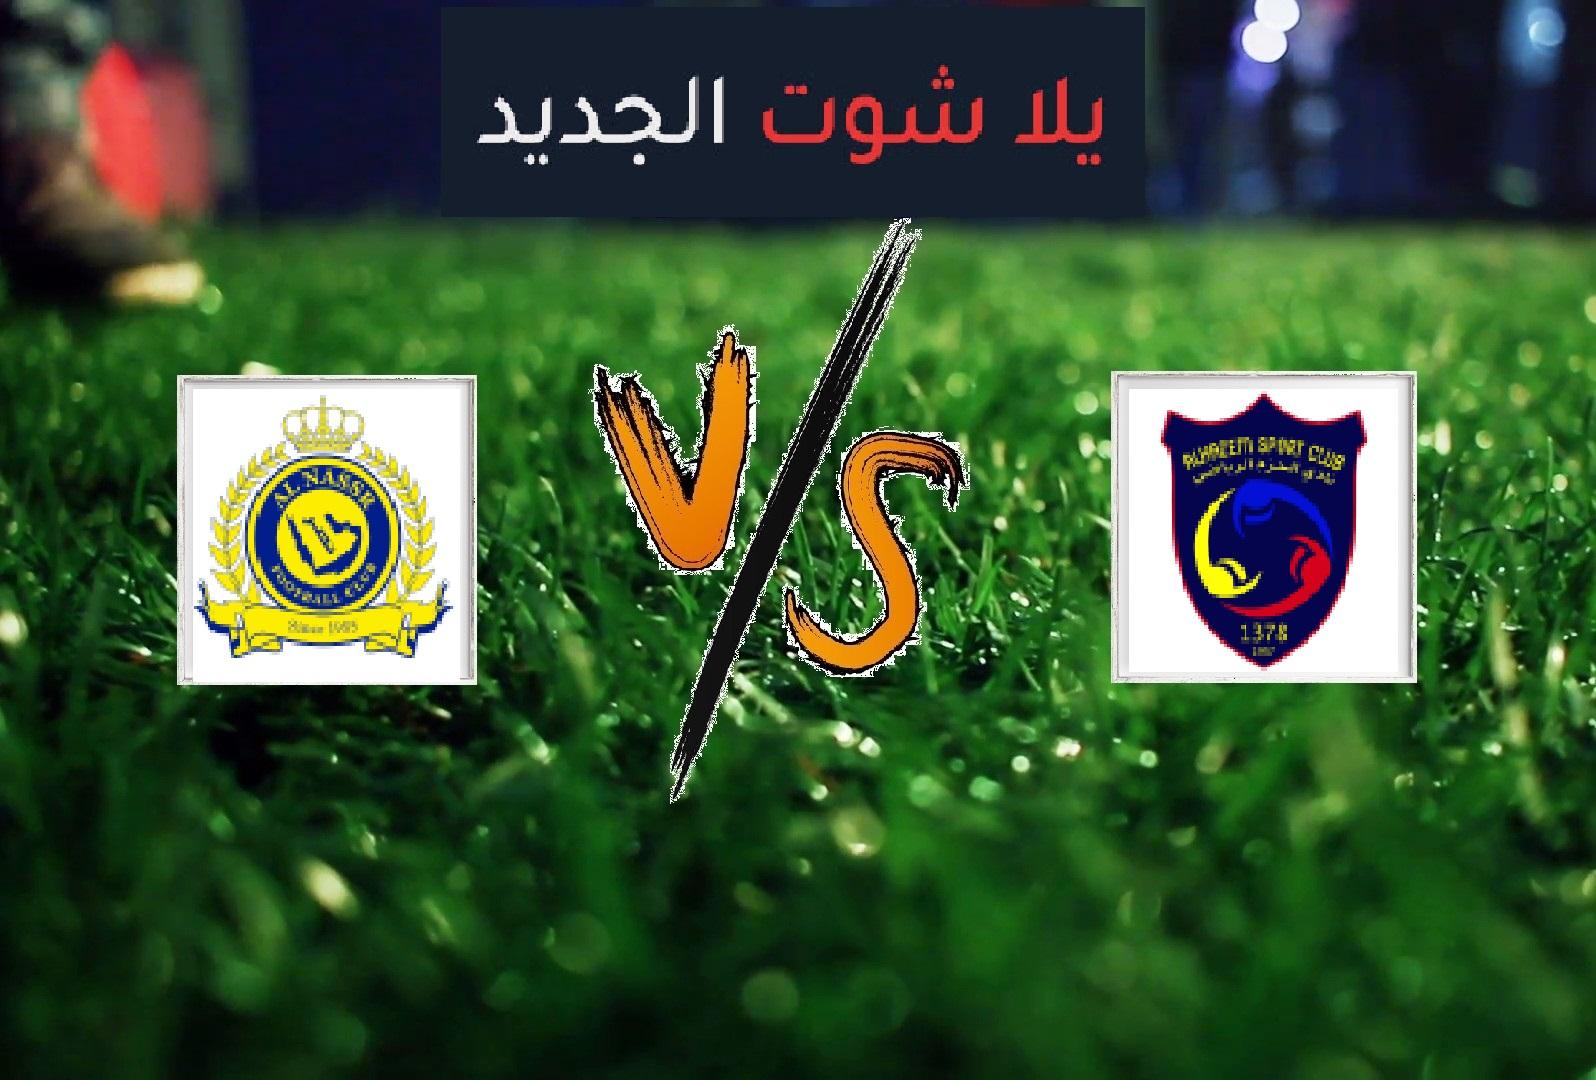 نتيجة مباراة النصر والحزم بتاريخ 22-02-2020 الدوري السعودي